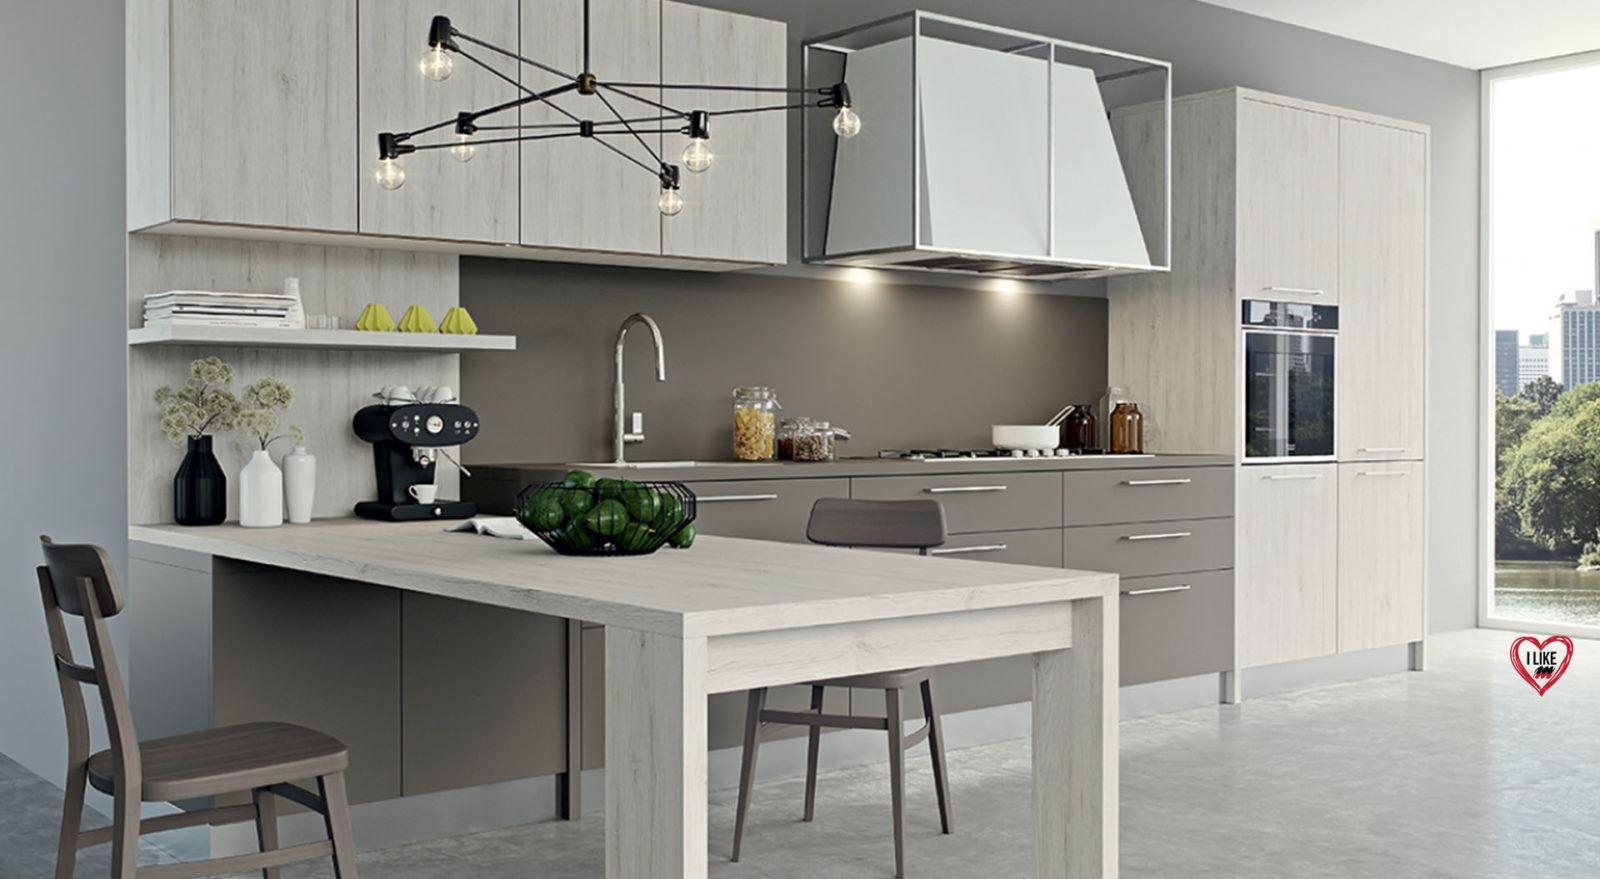 Cucine moderne con penisola padova - Cucina con penisola centrale ...